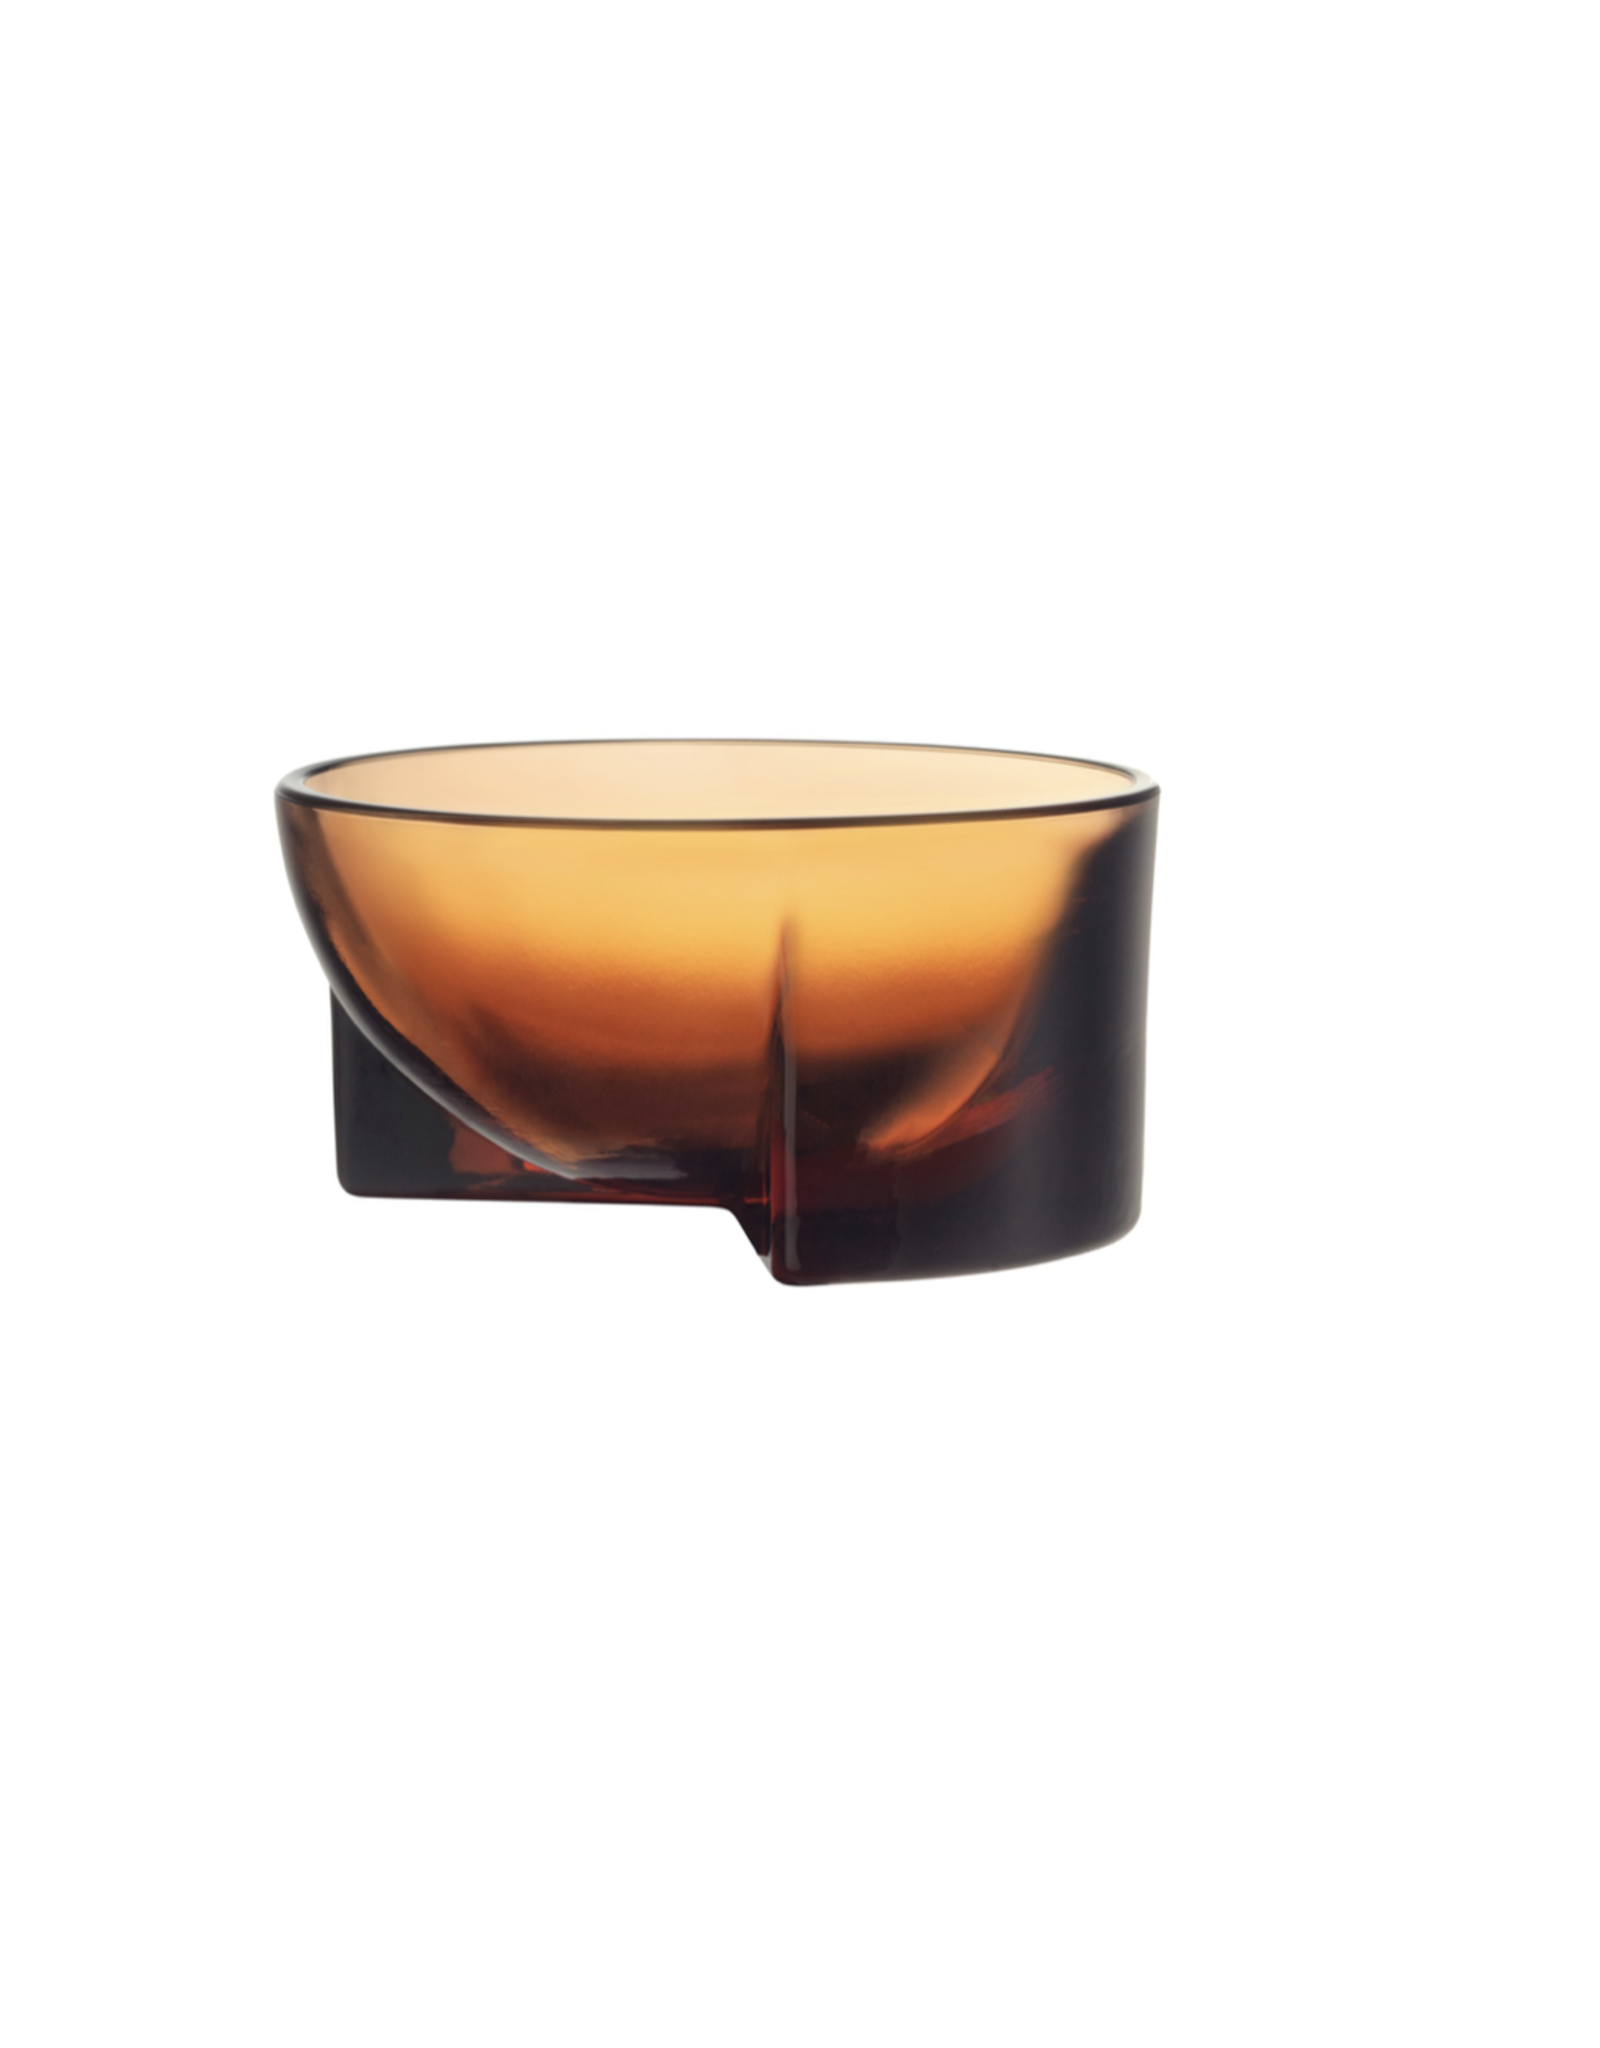 IITTALA KURA 裝飾碗, 酸橙色